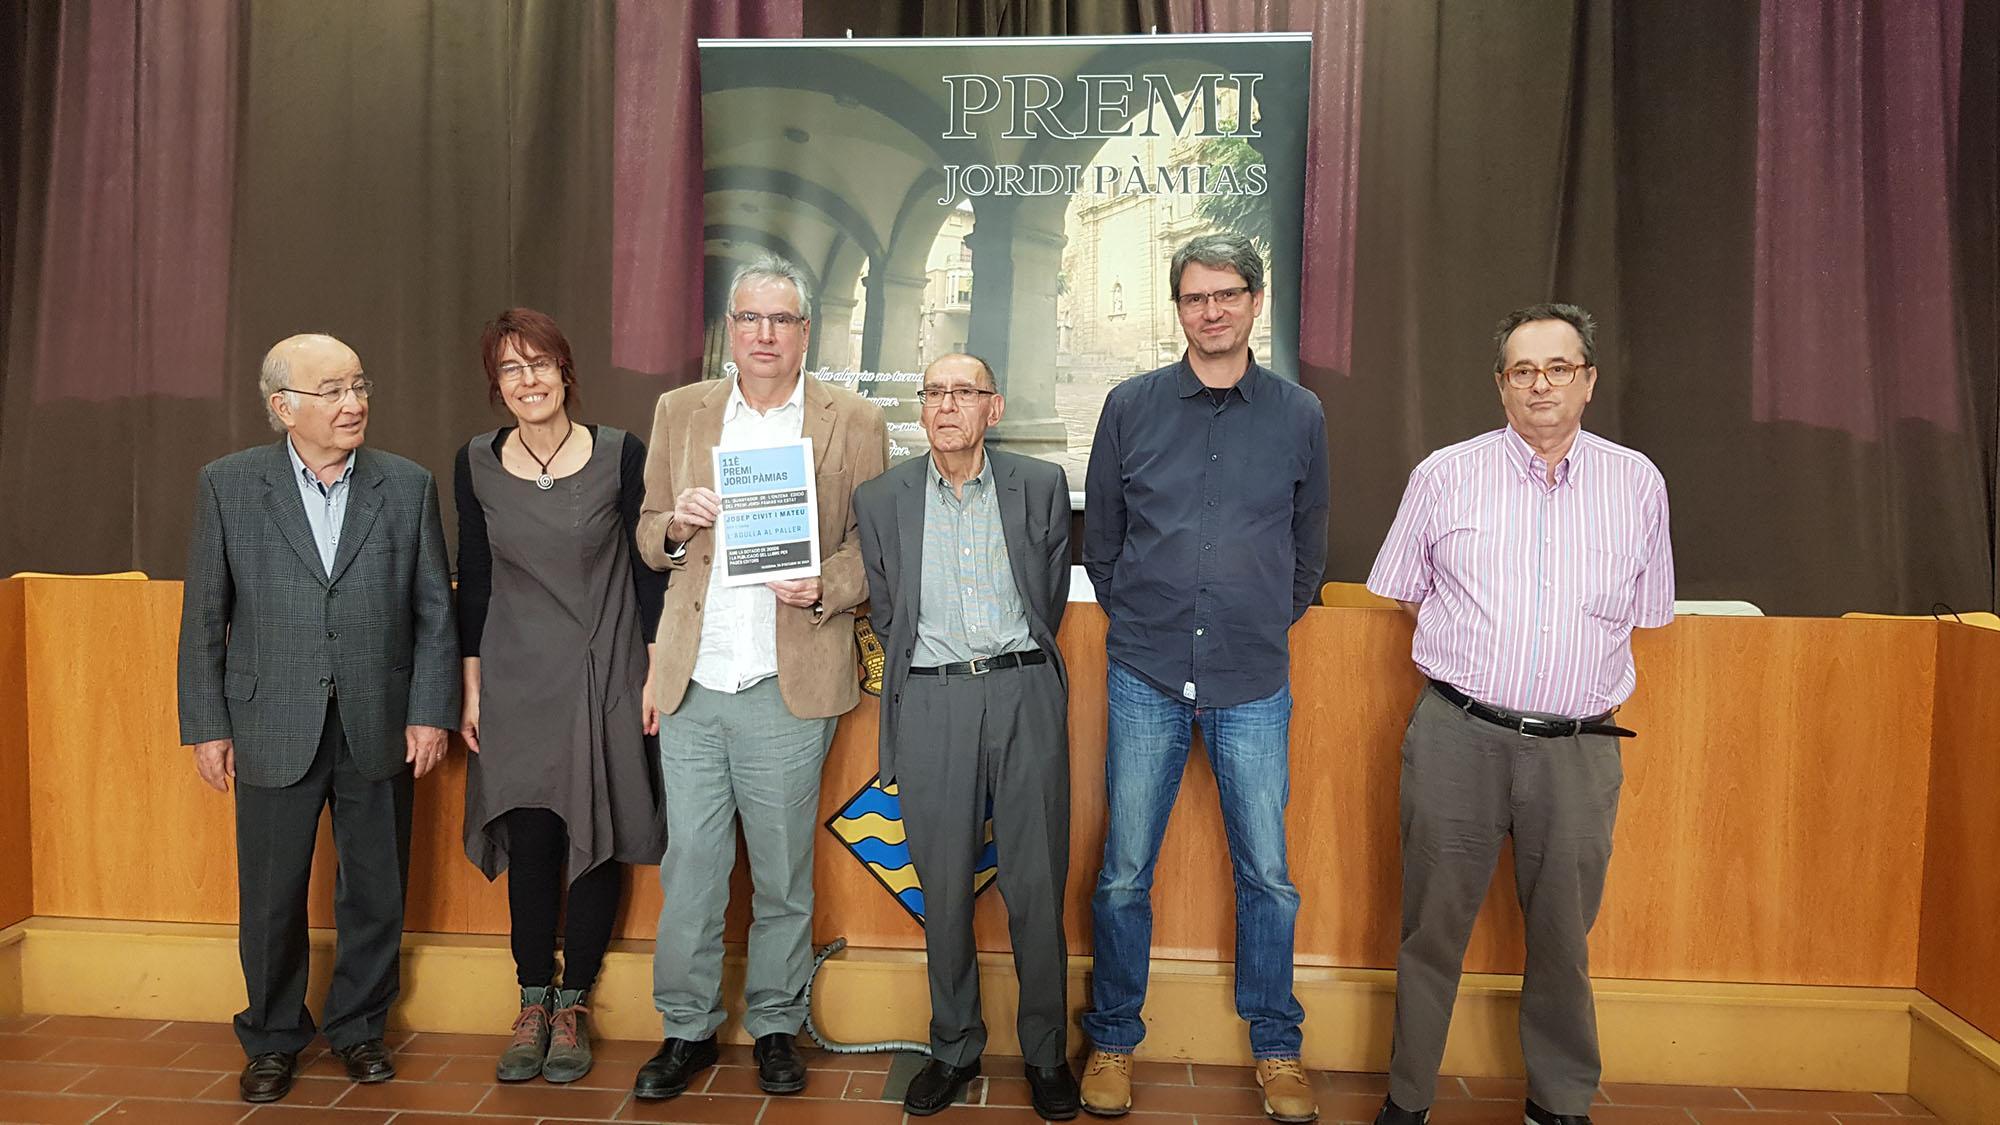 Josep Civit guanya el Premi de Poesia Jordi Pàmias 2019